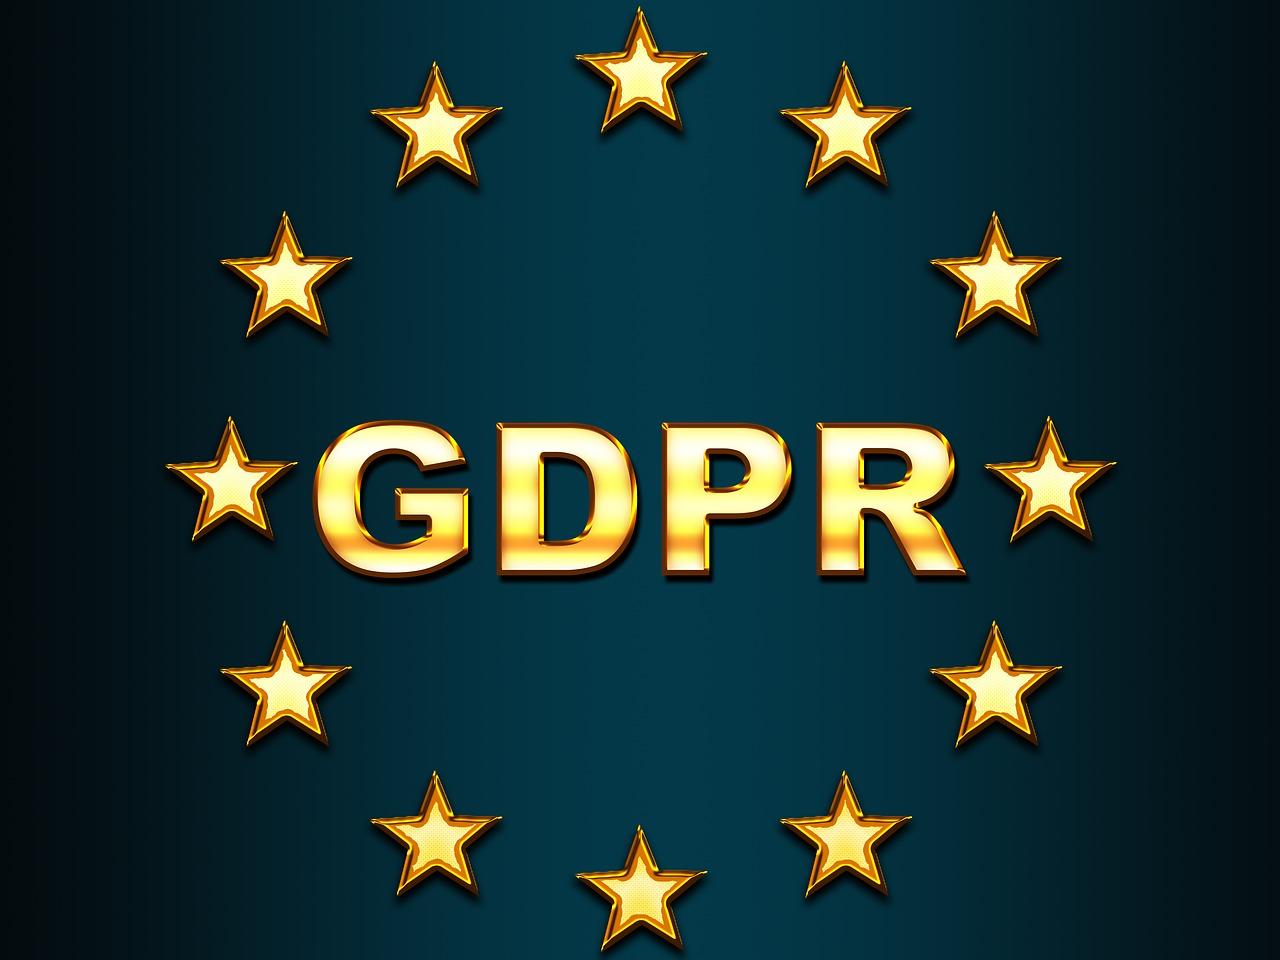 [Из песочницы] Согласие на обработку данных по GDPR: подробный разбор